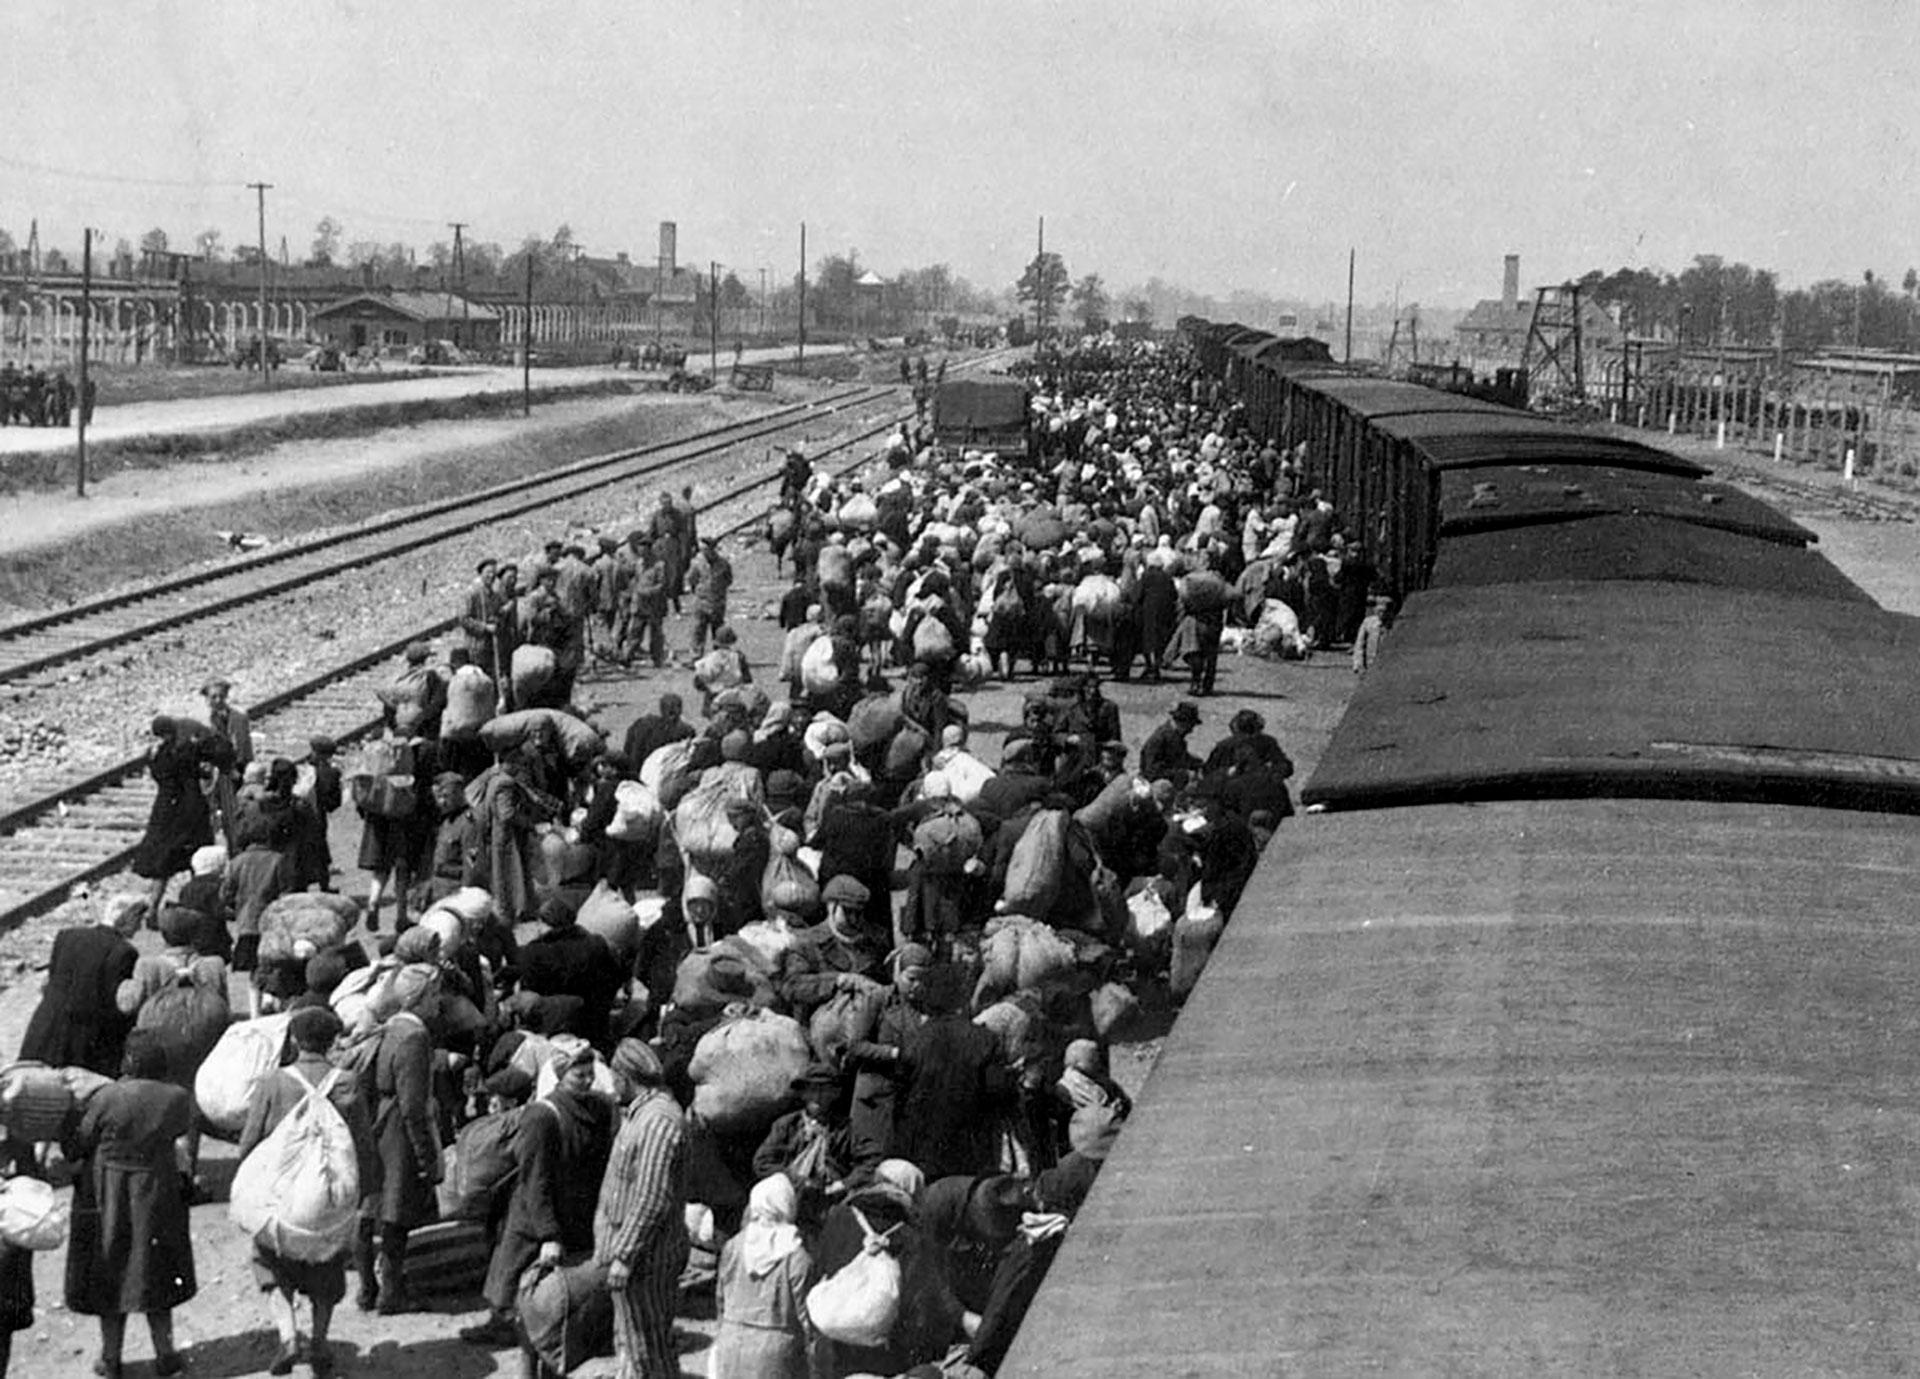 Una imagen registrada entre abril y mayo de 1944